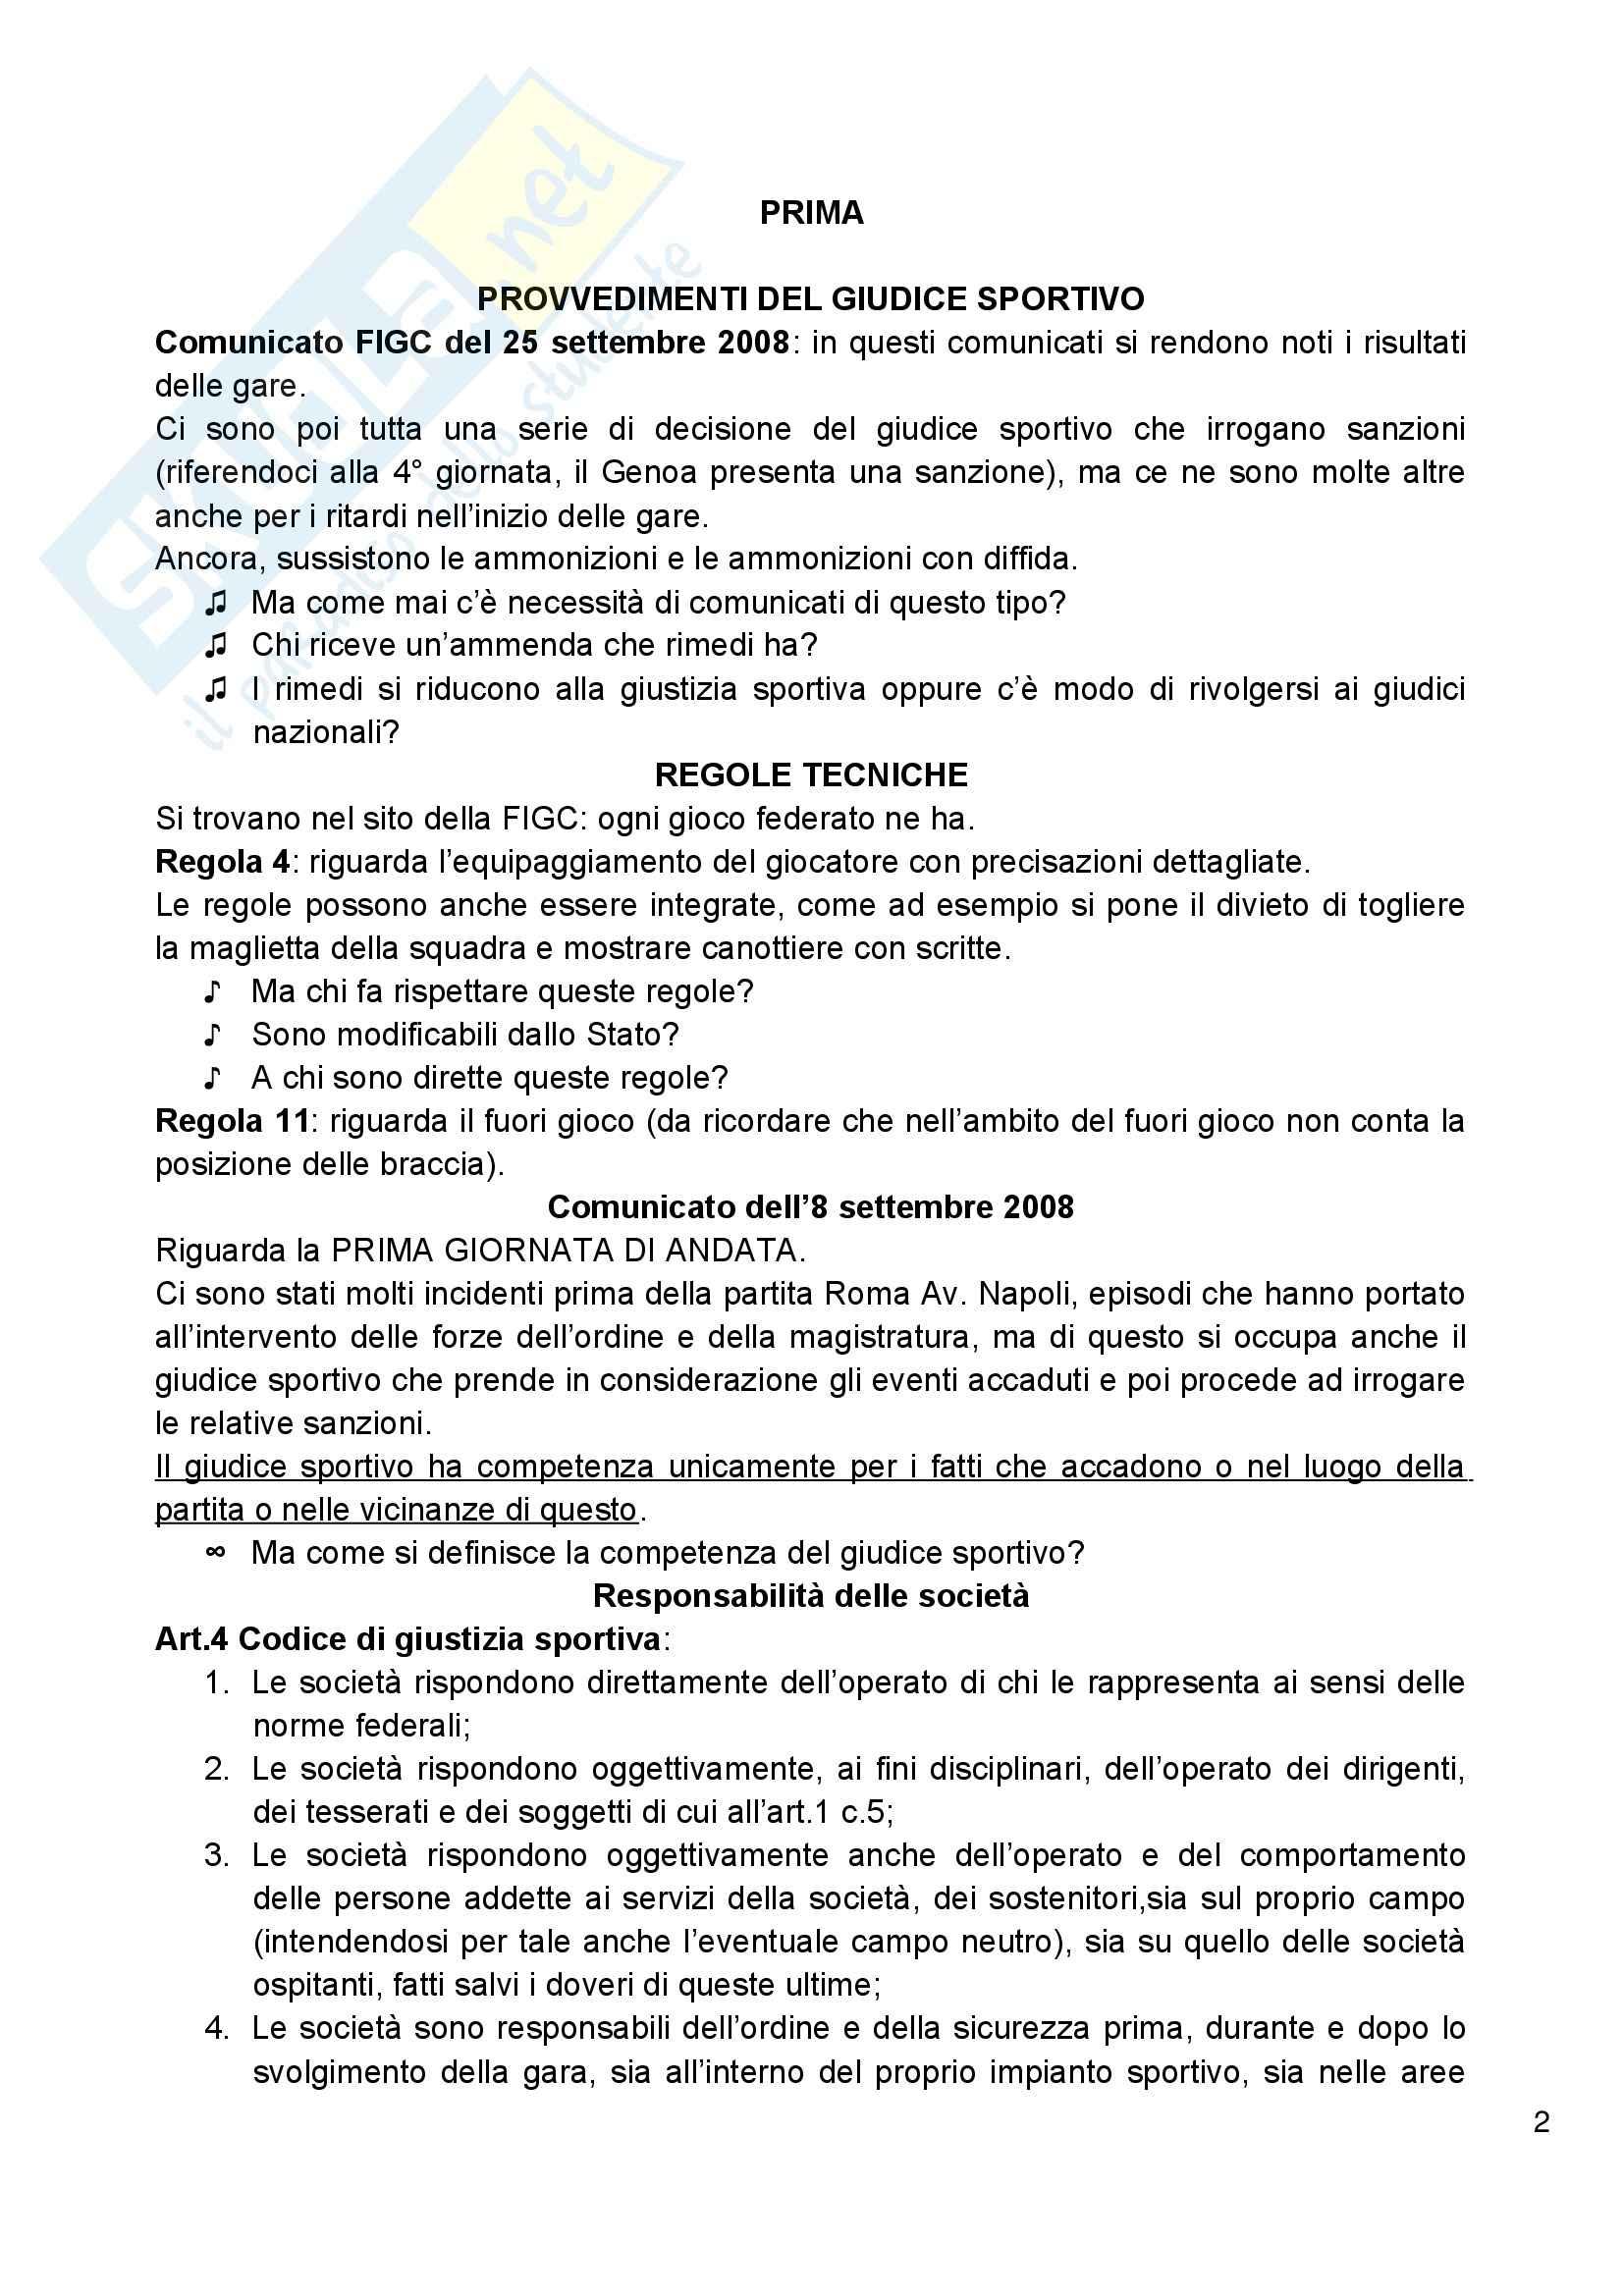 Diritto amministrativo dello sport - Appunti Pag. 2